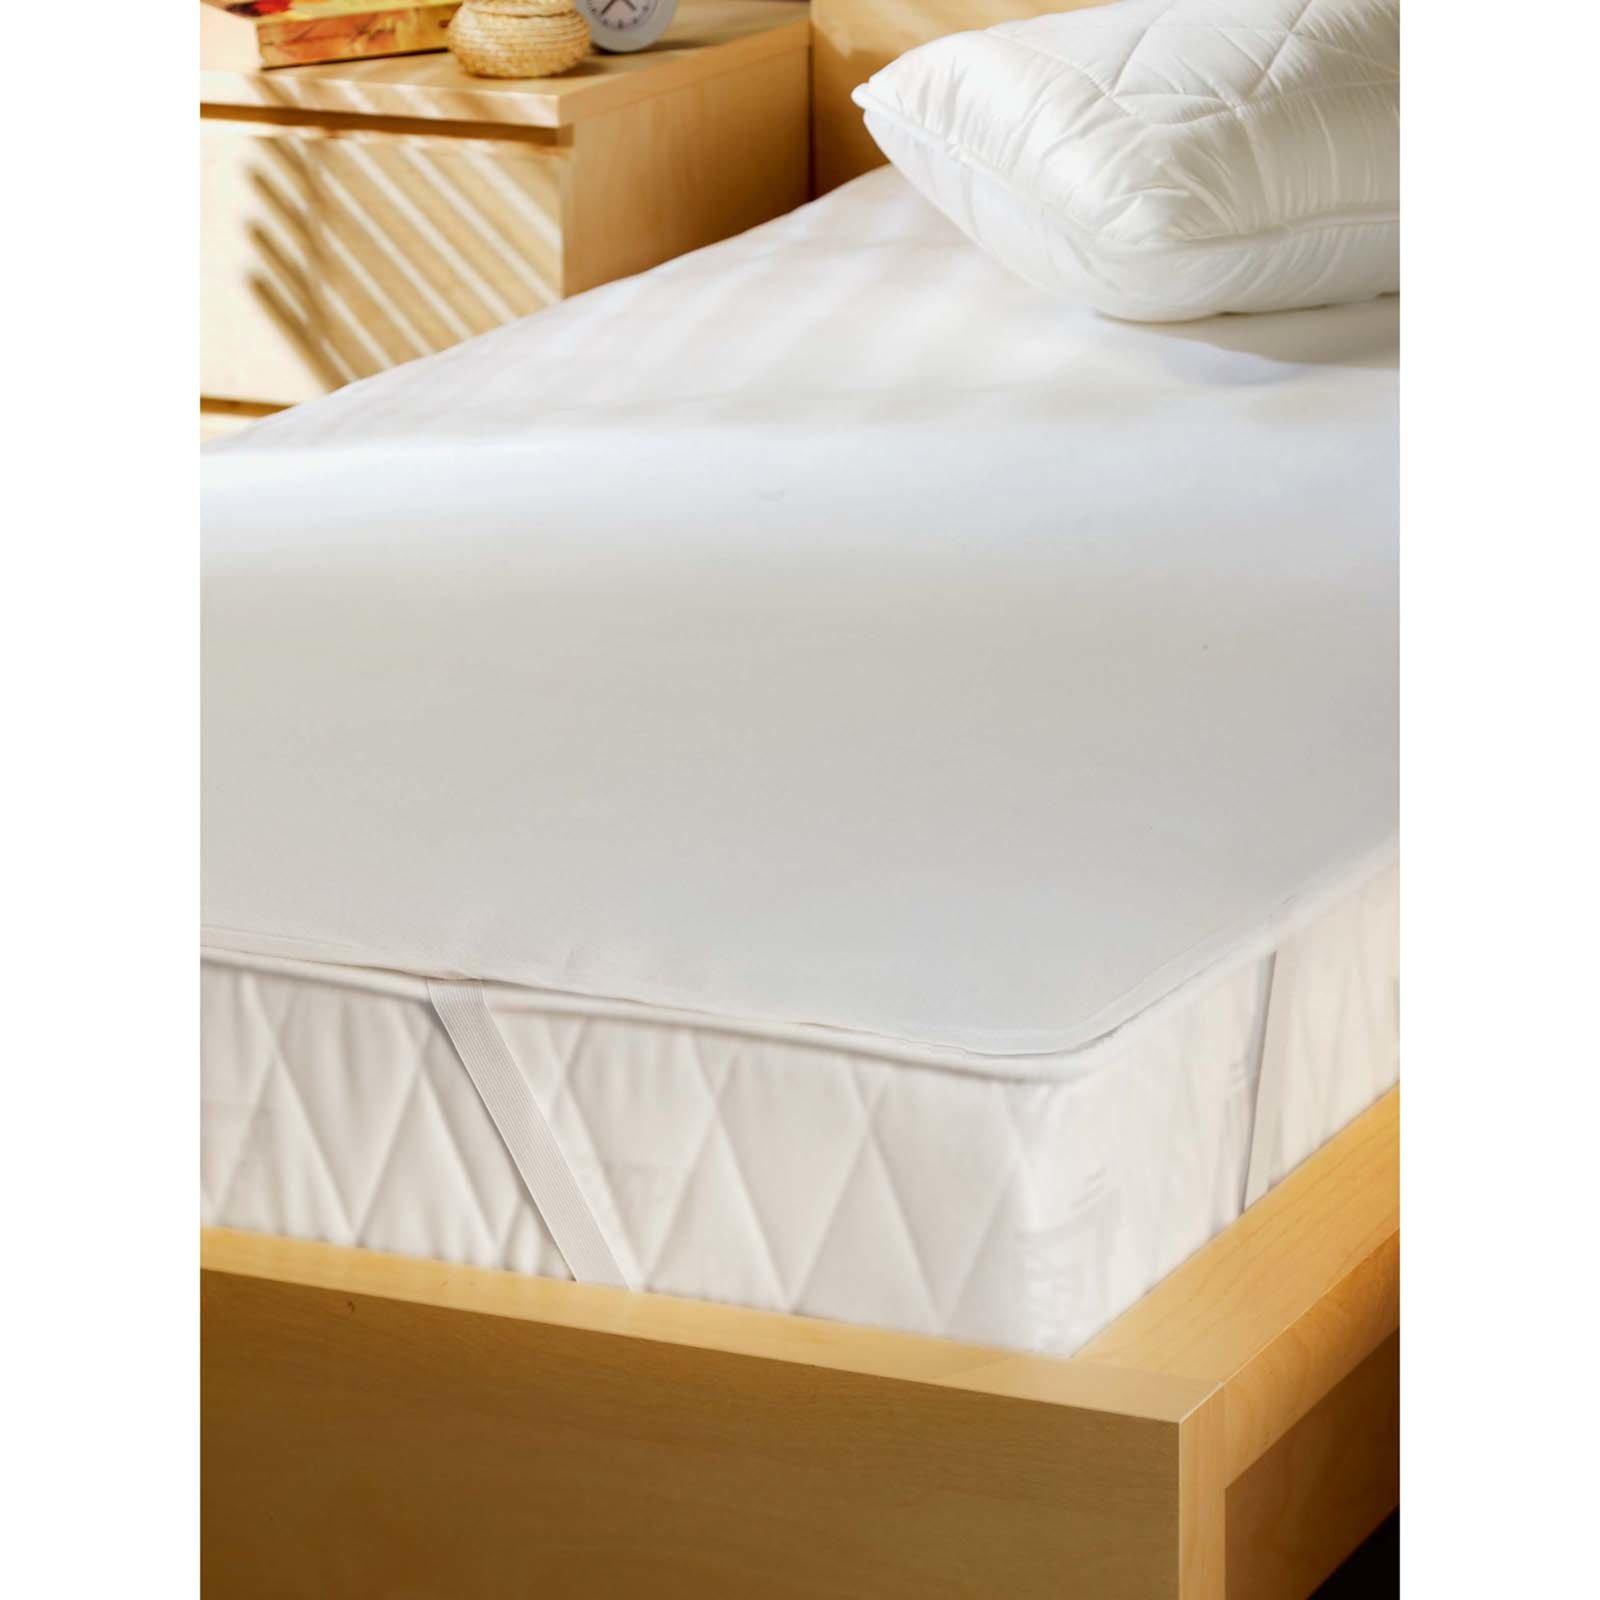 inkontinenzauflage generation spannauflage 100x200 cm schoner matratzen lattenroste. Black Bedroom Furniture Sets. Home Design Ideas